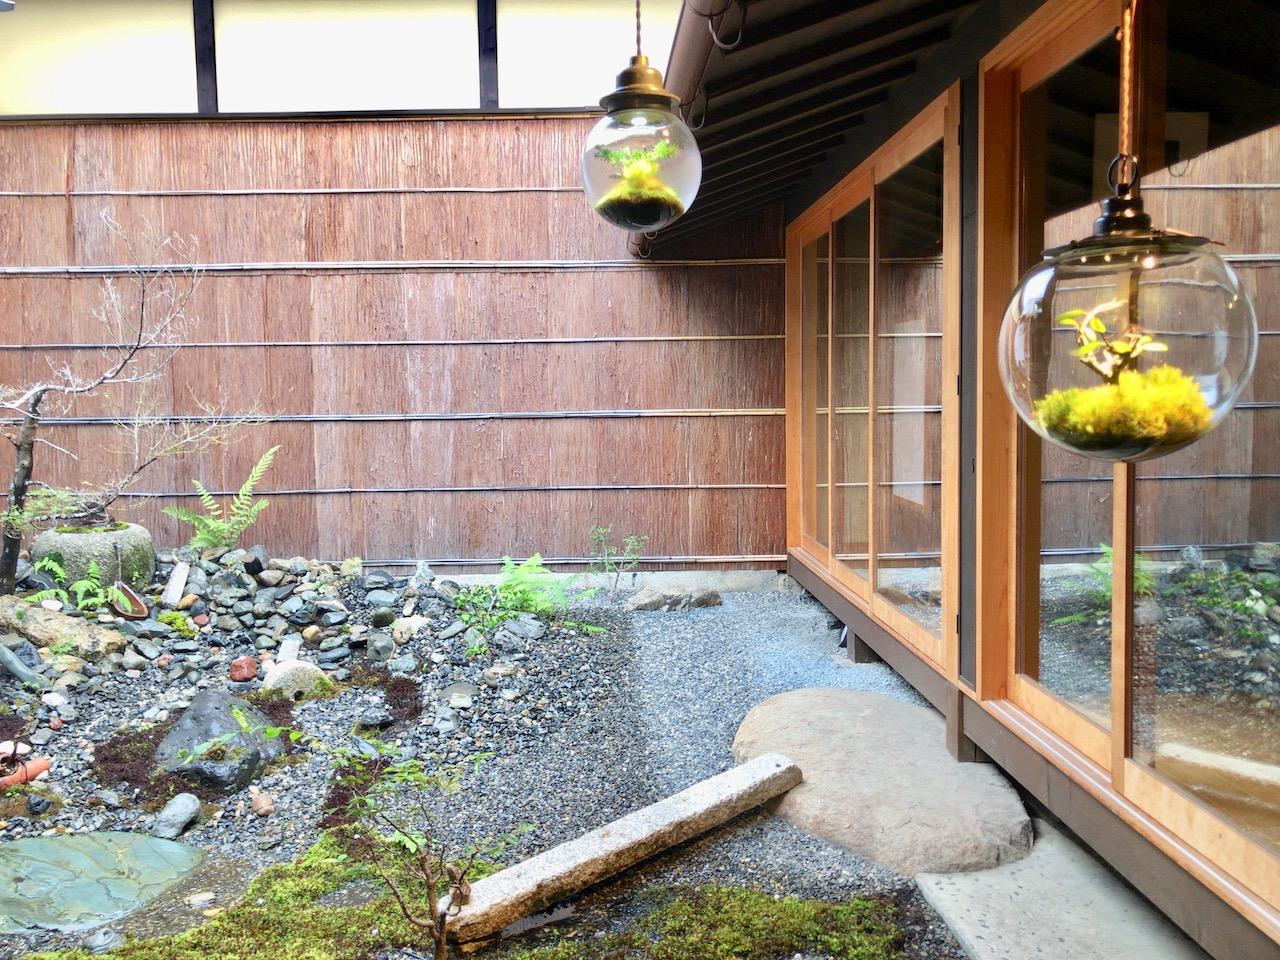 【京都】アットホームなおもてなしにほっこり。情緒に包まれる町家宿「京旅籠むげん」